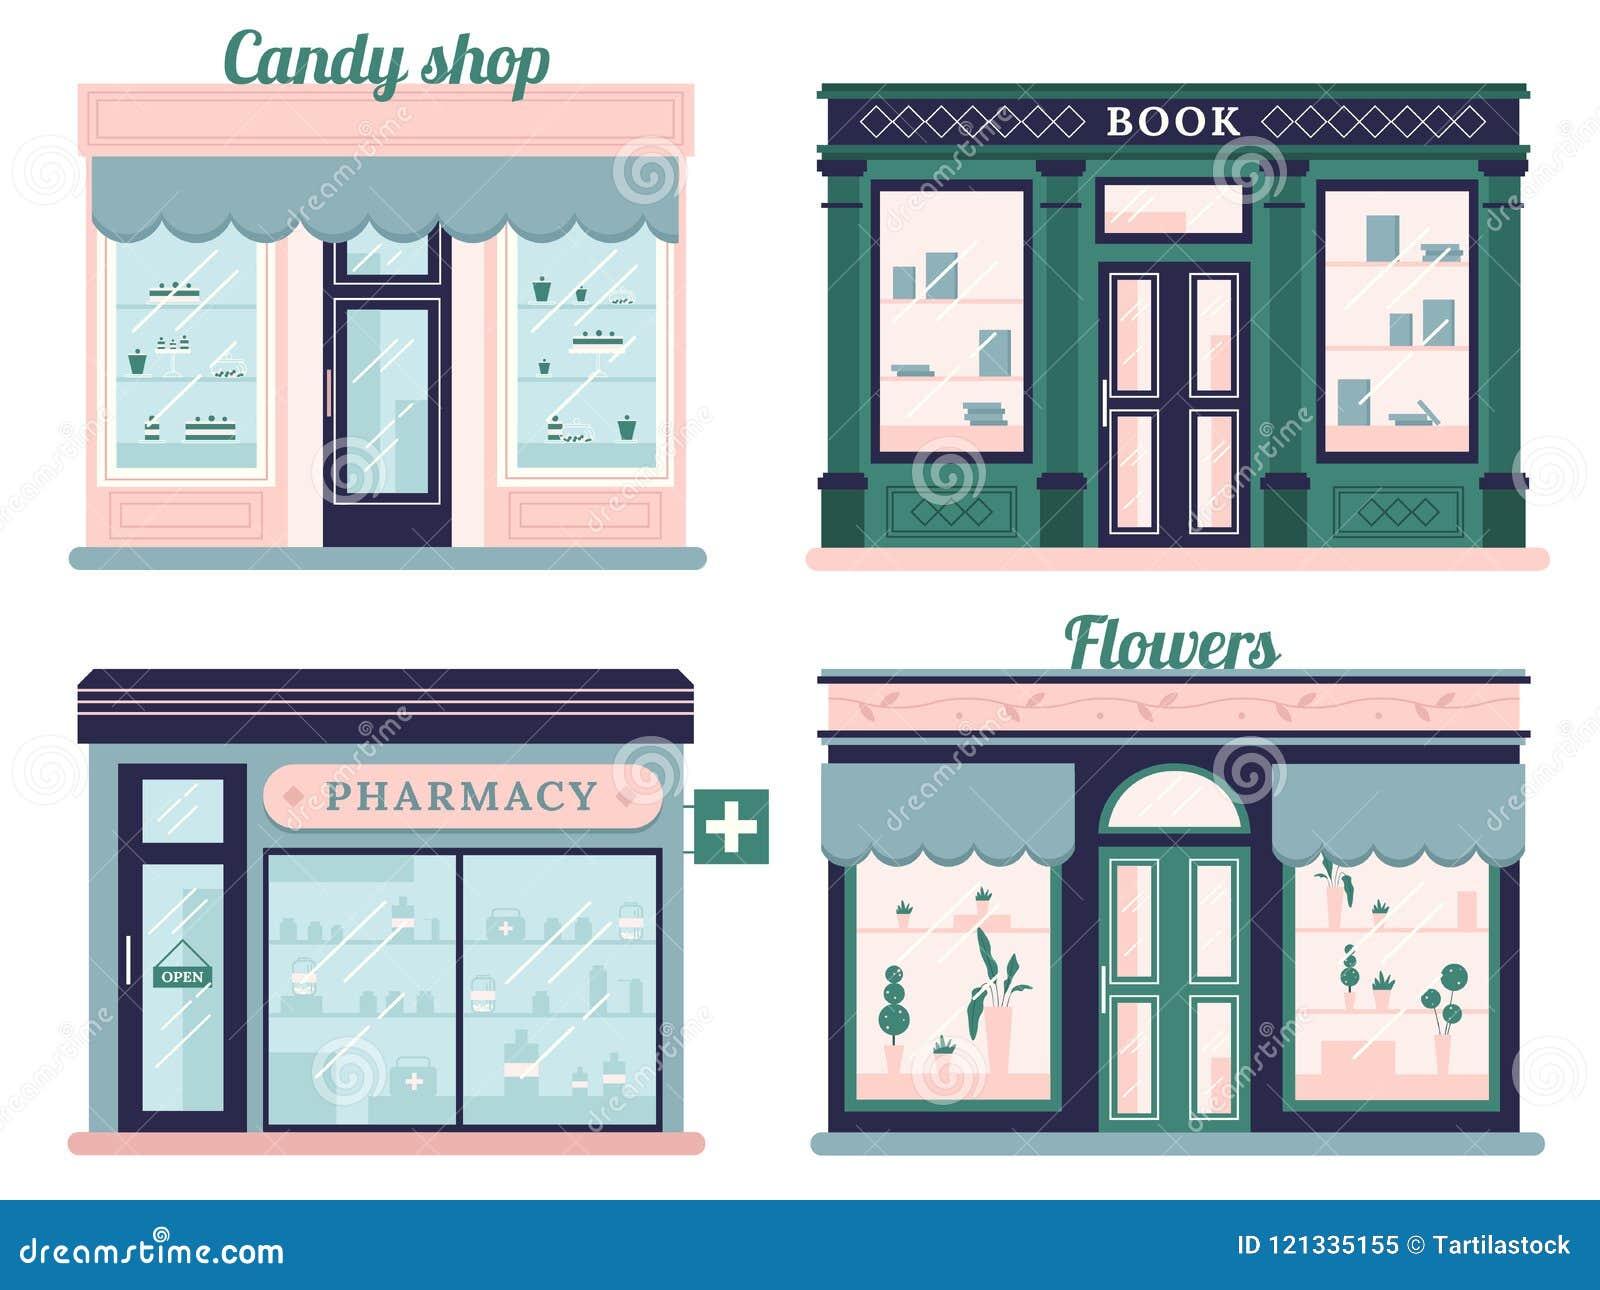 Lojas modernas ajustadas Fachada da loja dos doces e livrarias urbanas Farmácia varejo do Local e boutique das flores outdoor